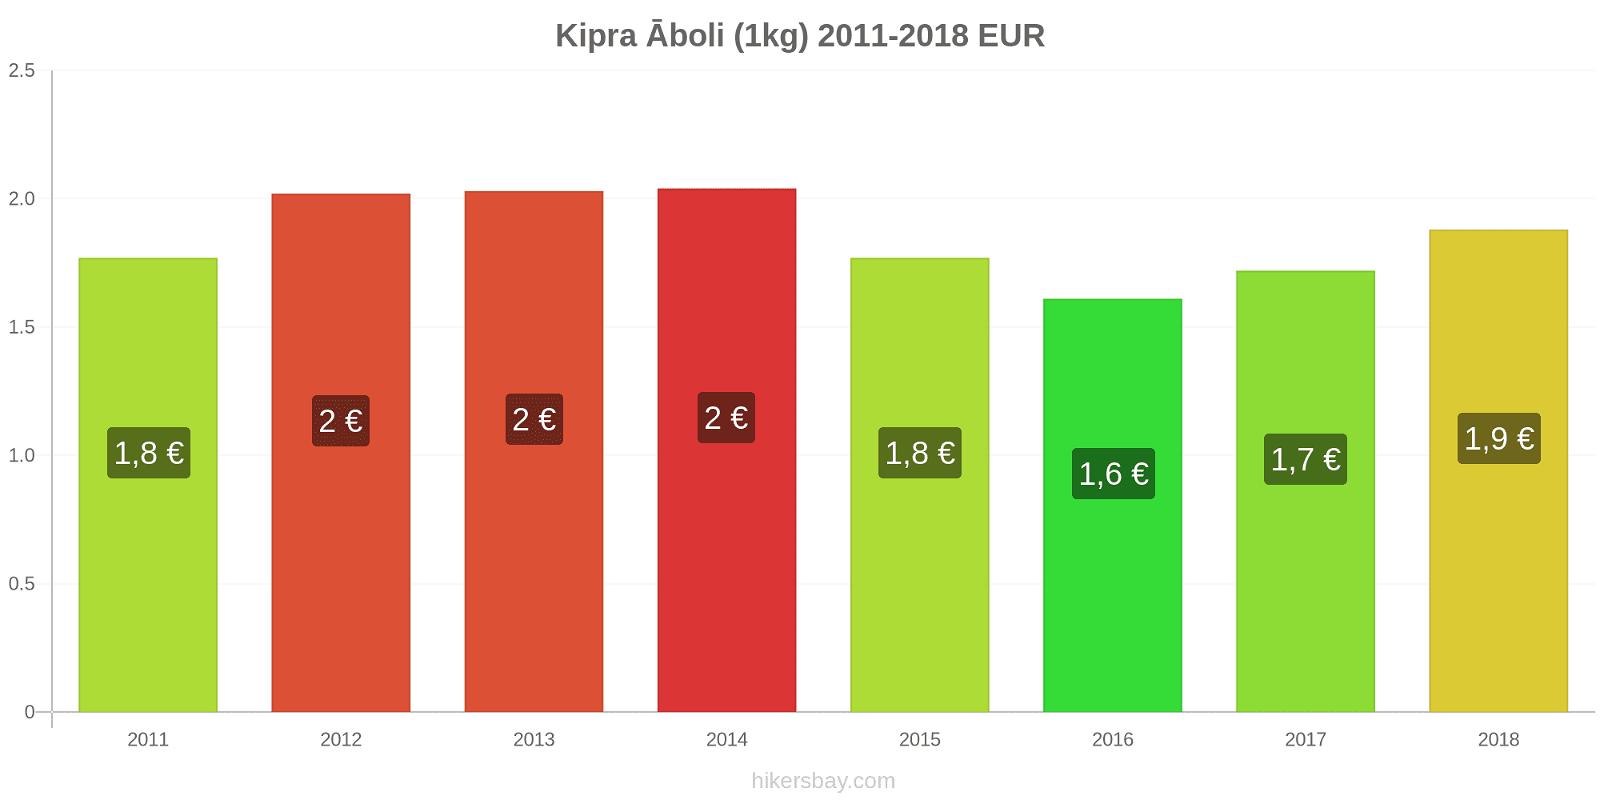 Kipra cenu izmaiņas Āboli (1kg) hikersbay.com